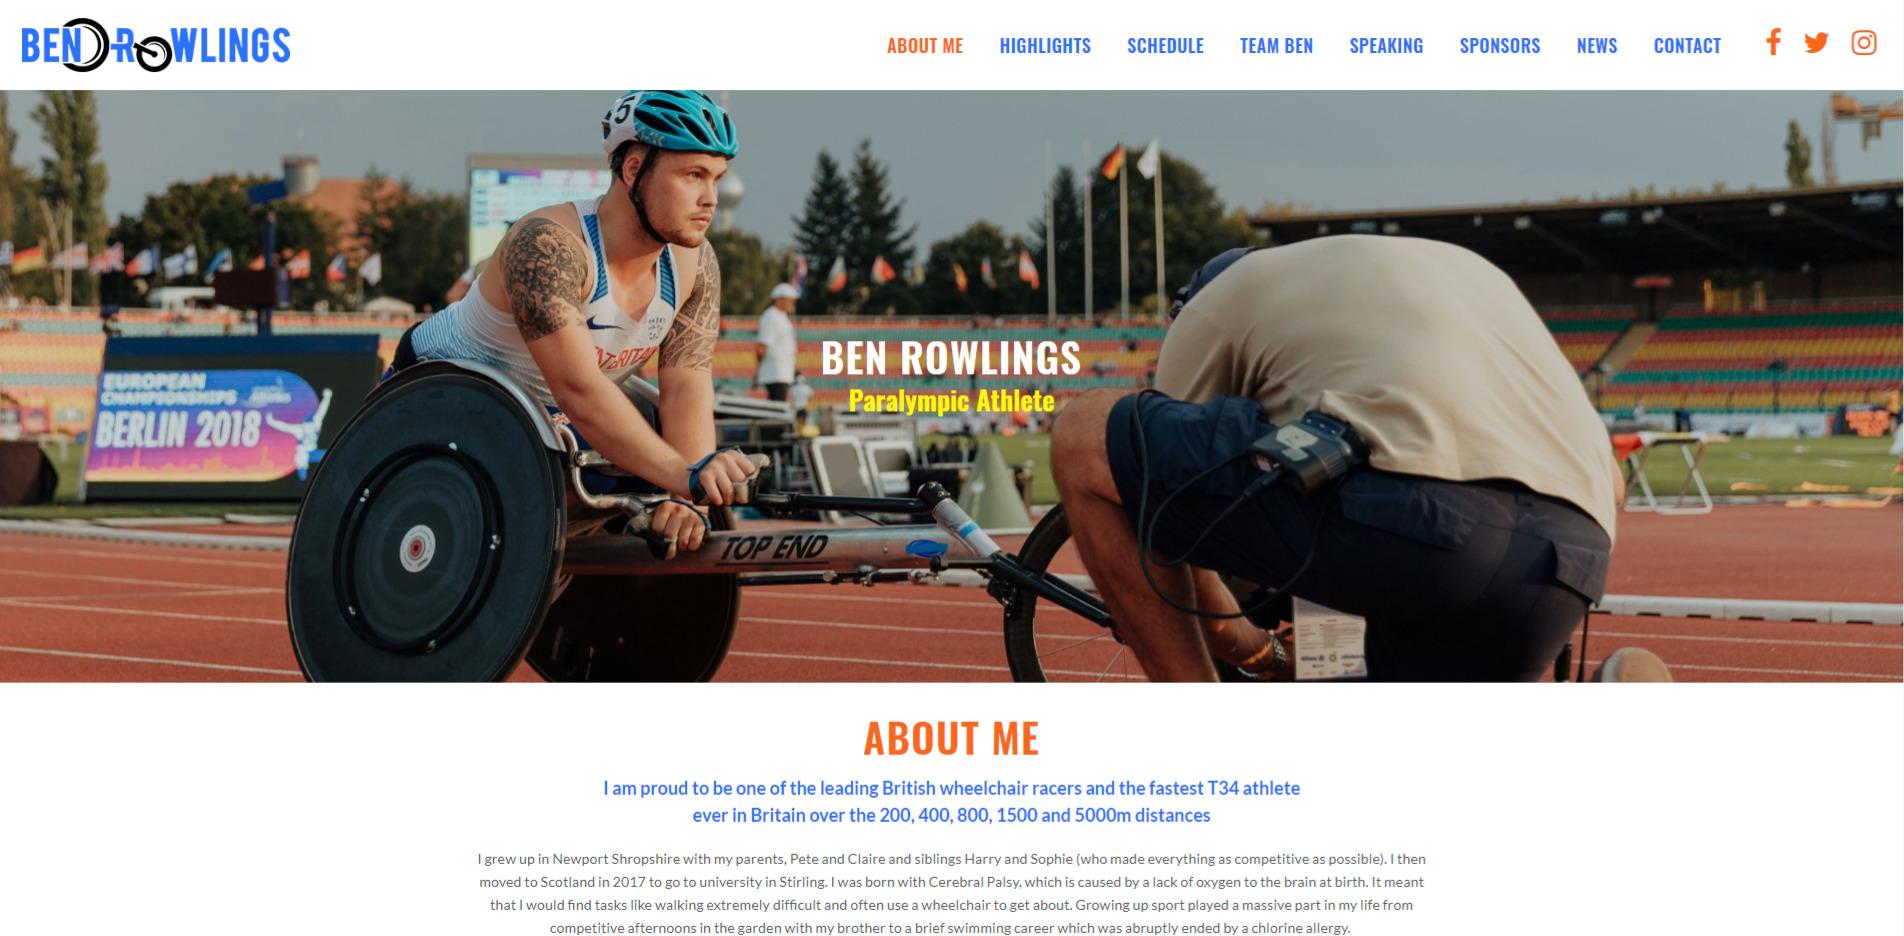 Ben Rowlings Website Design Homepage